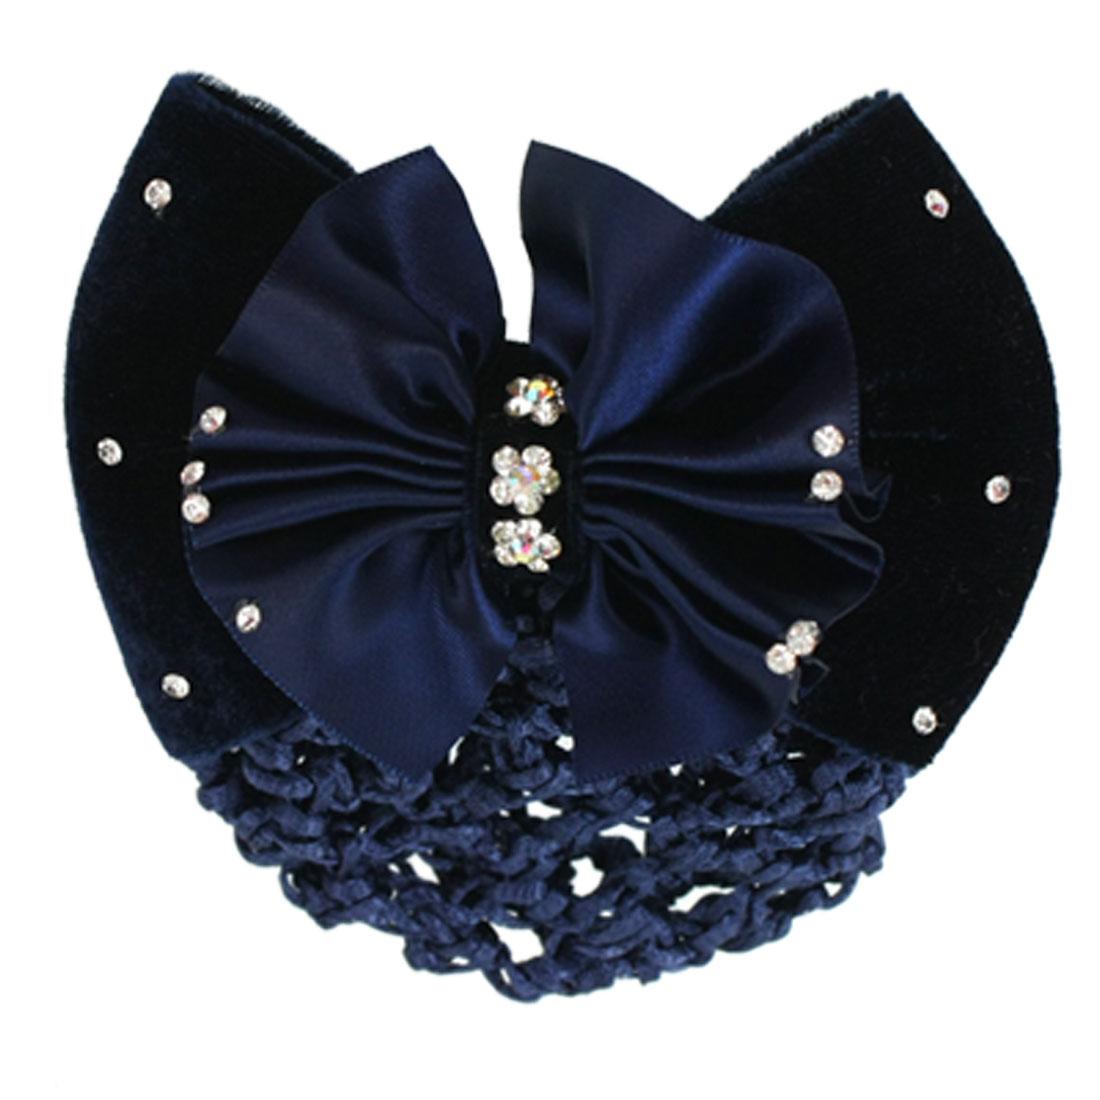 Woman Steel Blue Ruffled Bowktie Decor Barrette Hair Clip Snood Net